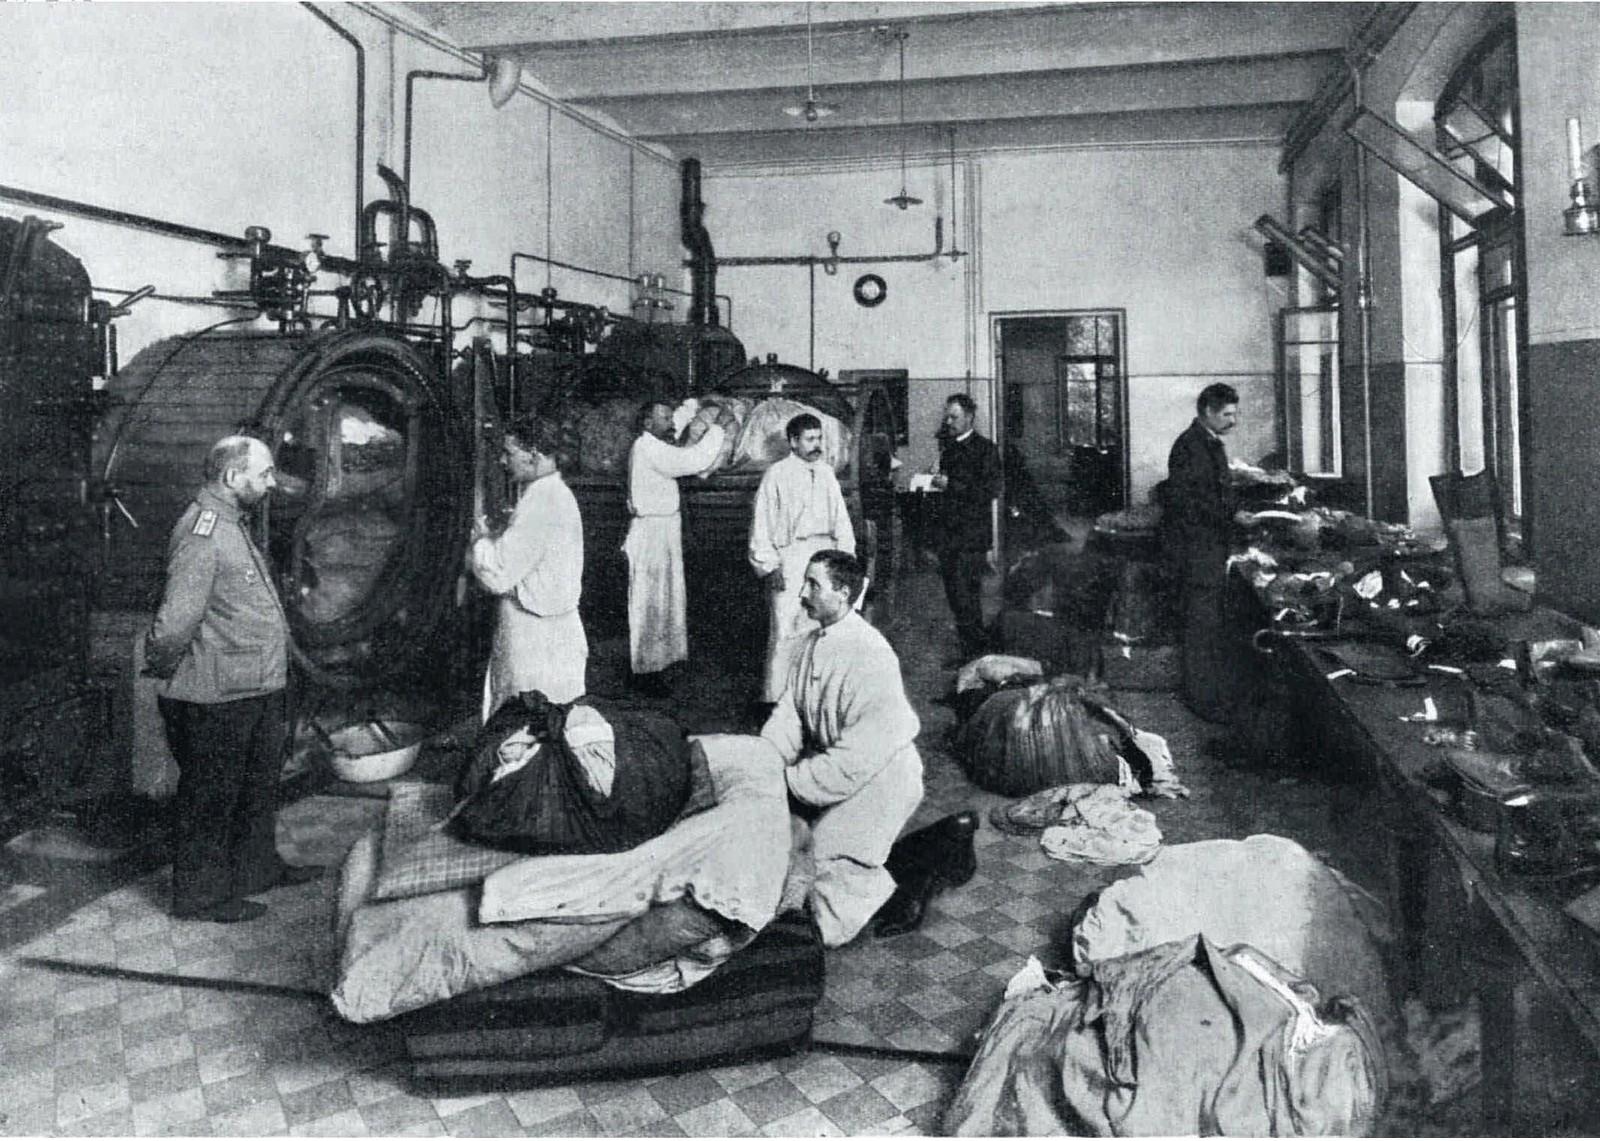 1908. Эпидемия азиатской холеры в Санкт-Петербурге. Дезинфекция вещей больных